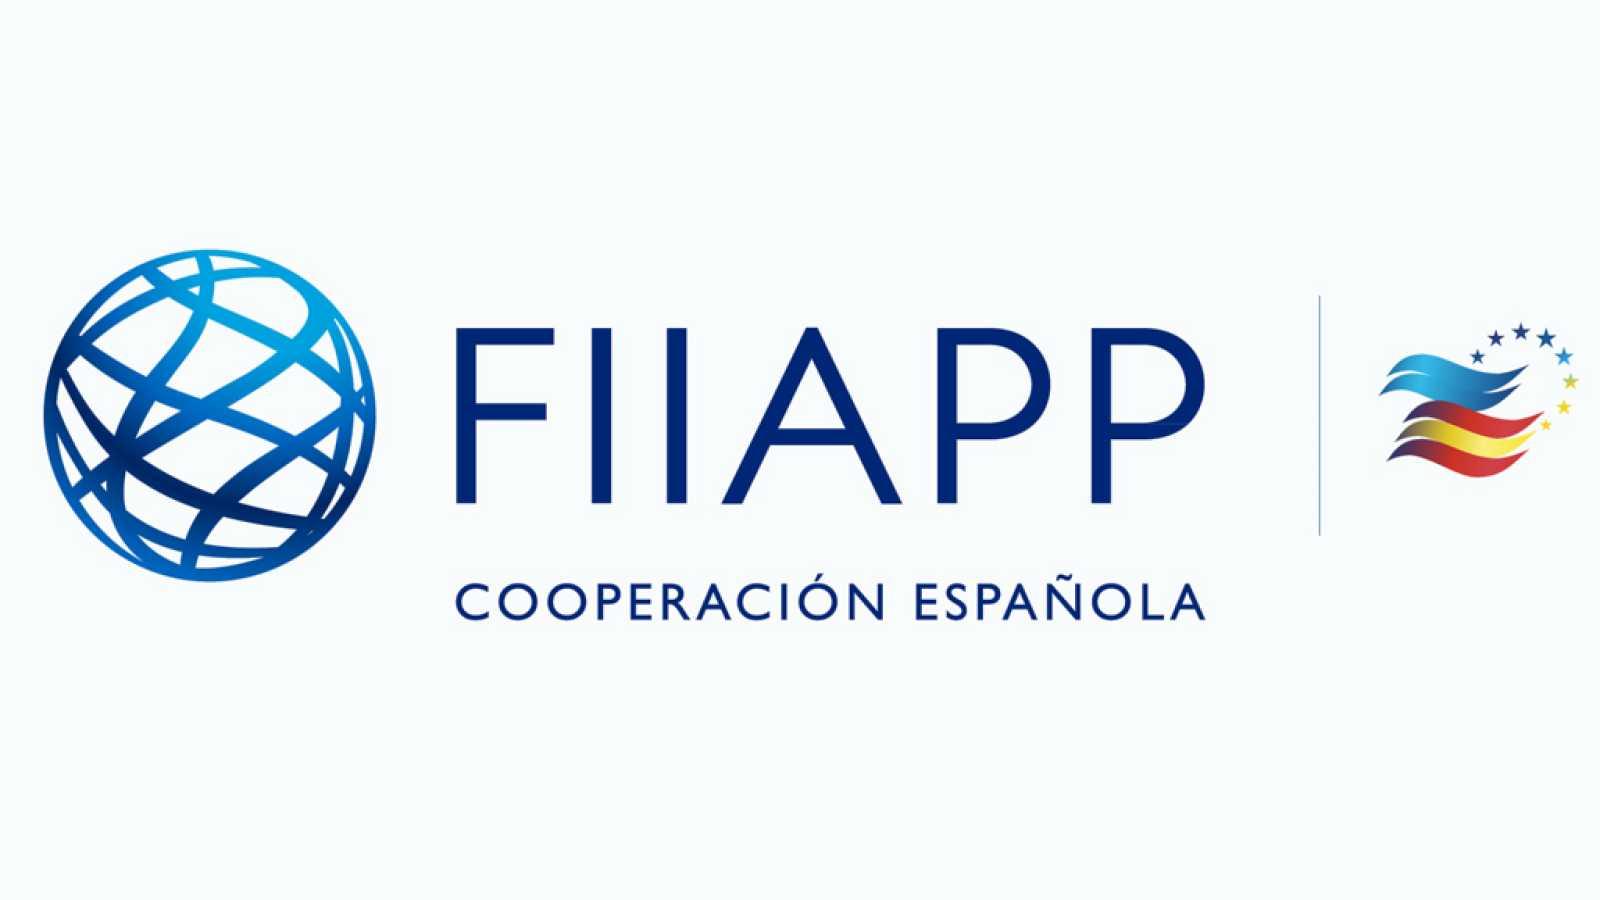 Cooperación pública en el mundo (FIIAPP) - La FIIAPP y la Agenda 2030 - 08/09/21 - escuchar ahora